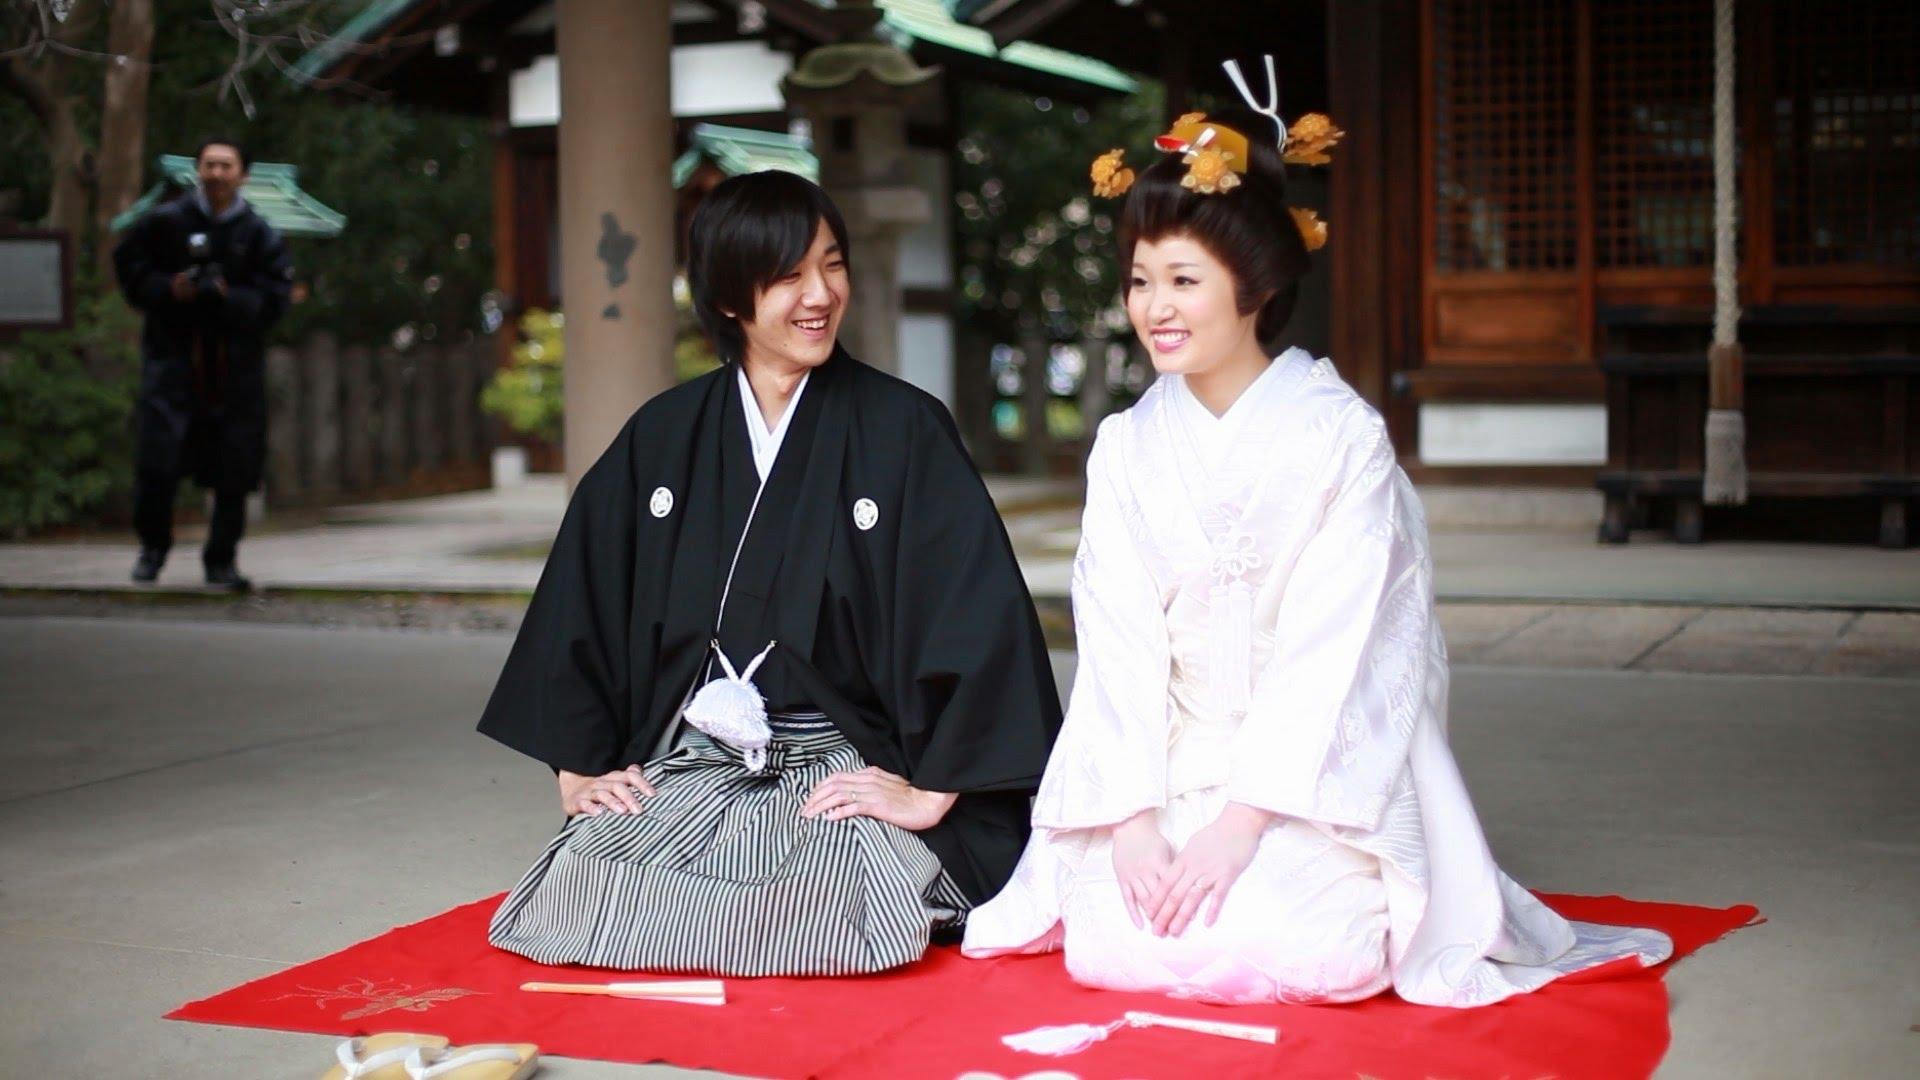 картинки японская свадьба